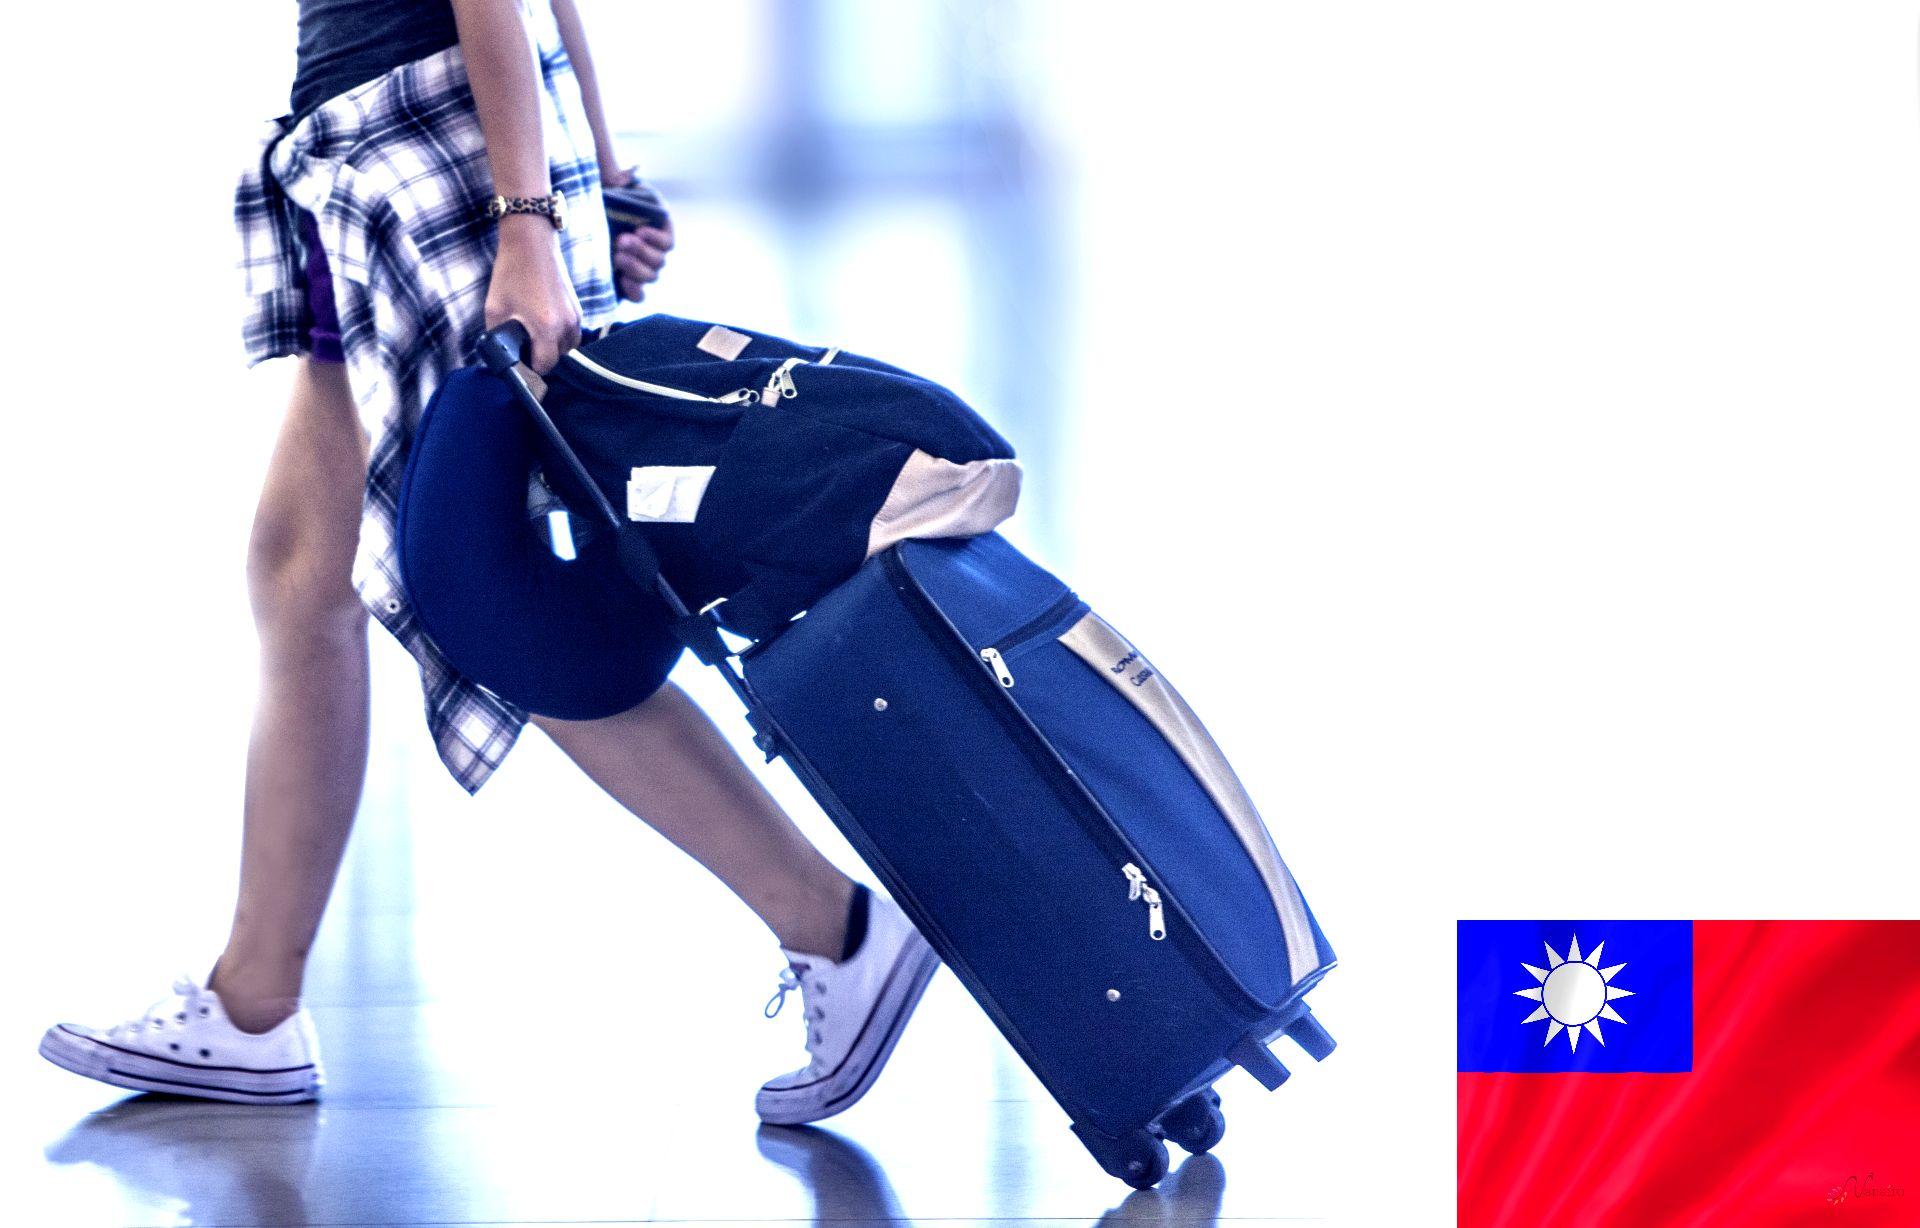 【はじめての台湾旅行】必要な持ち物と準備リスト【保存版】